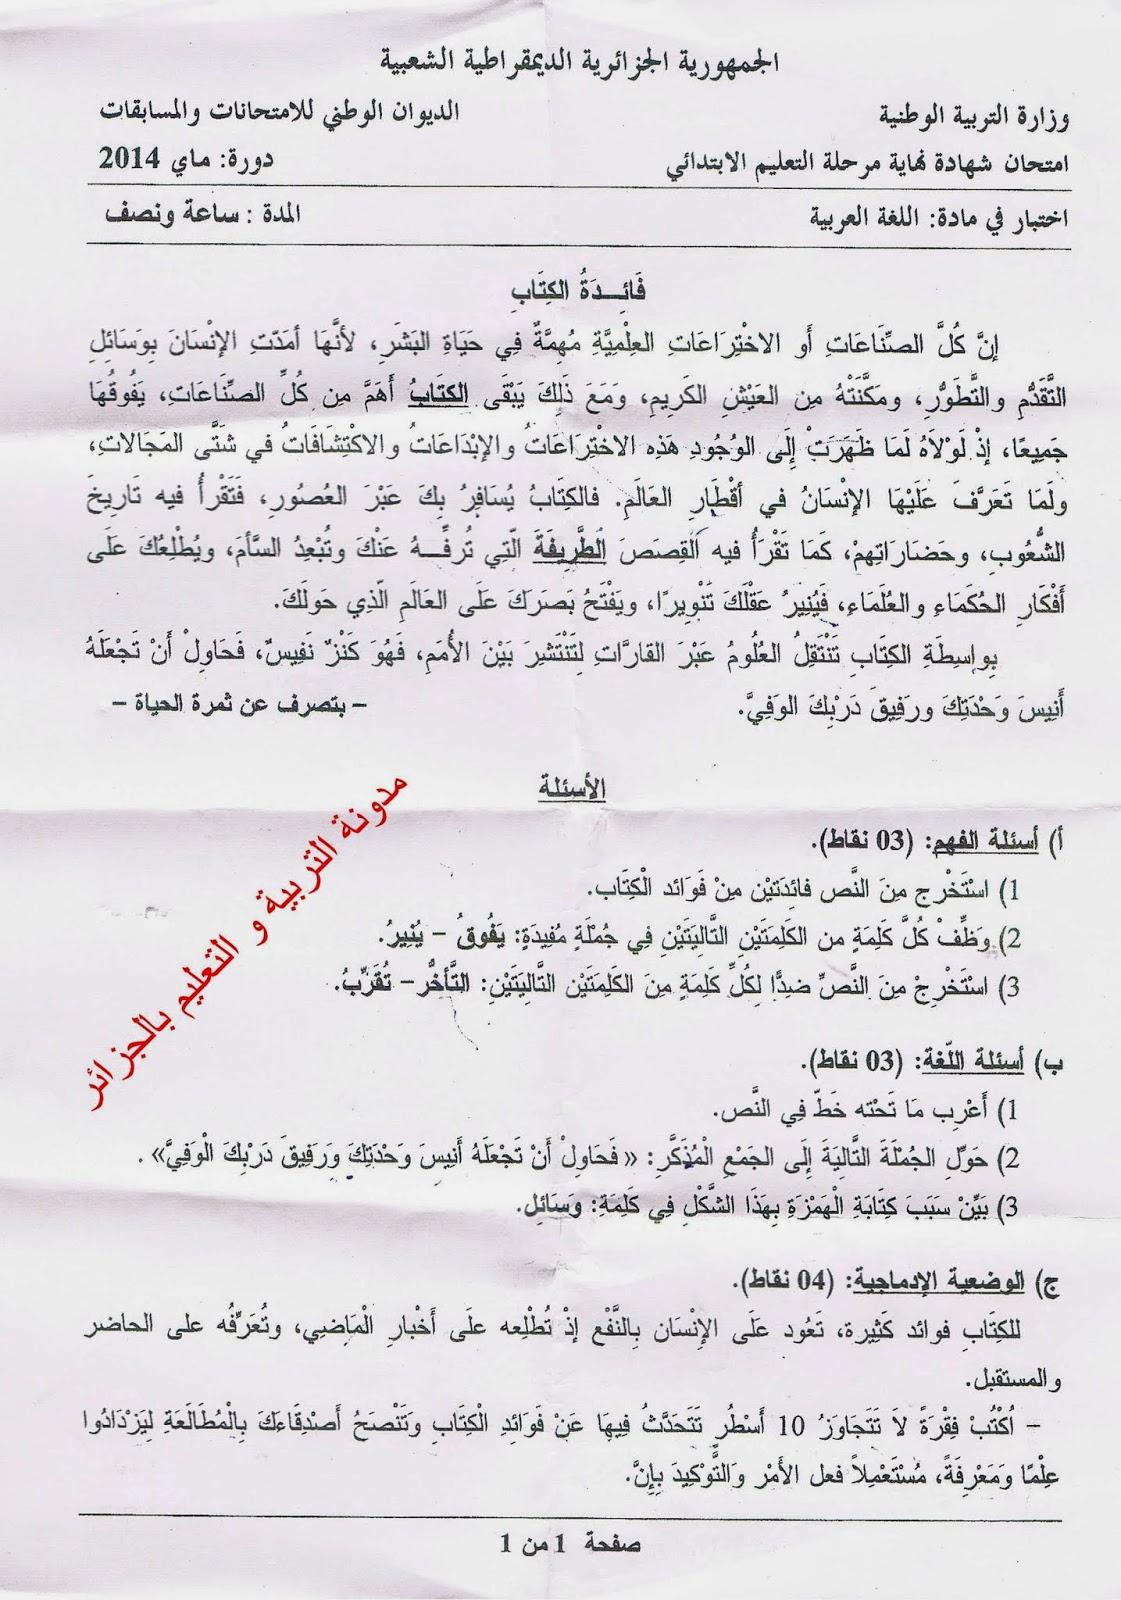 امتحان اللغة العربية